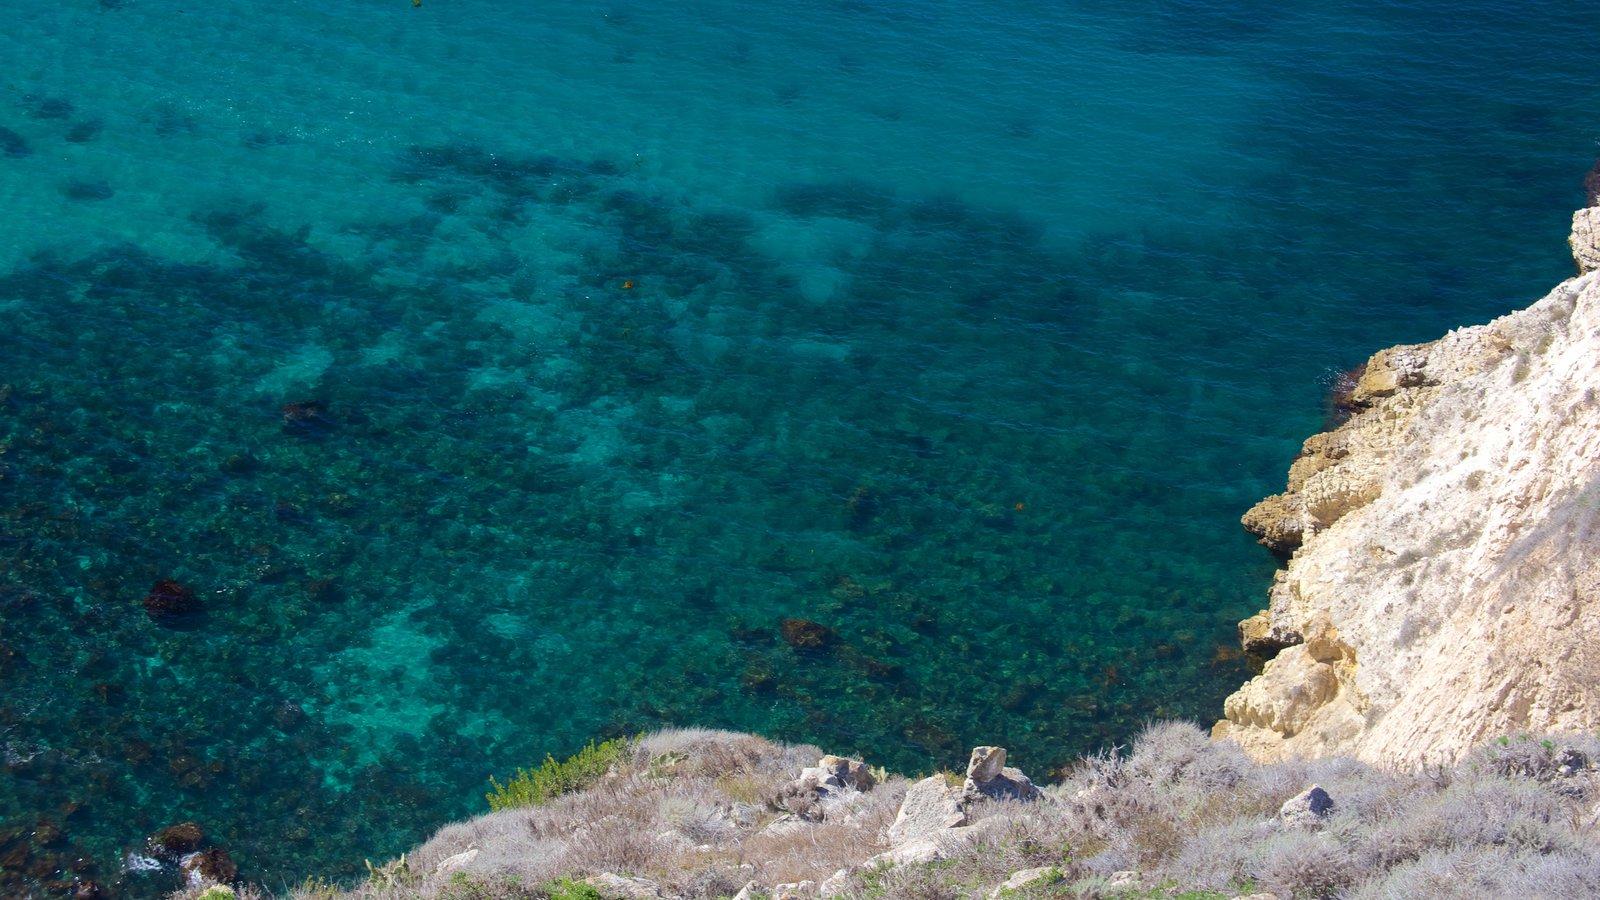 Parque Nacional de Channel Islands mostrando paisagens litorâneas e litoral acidentado